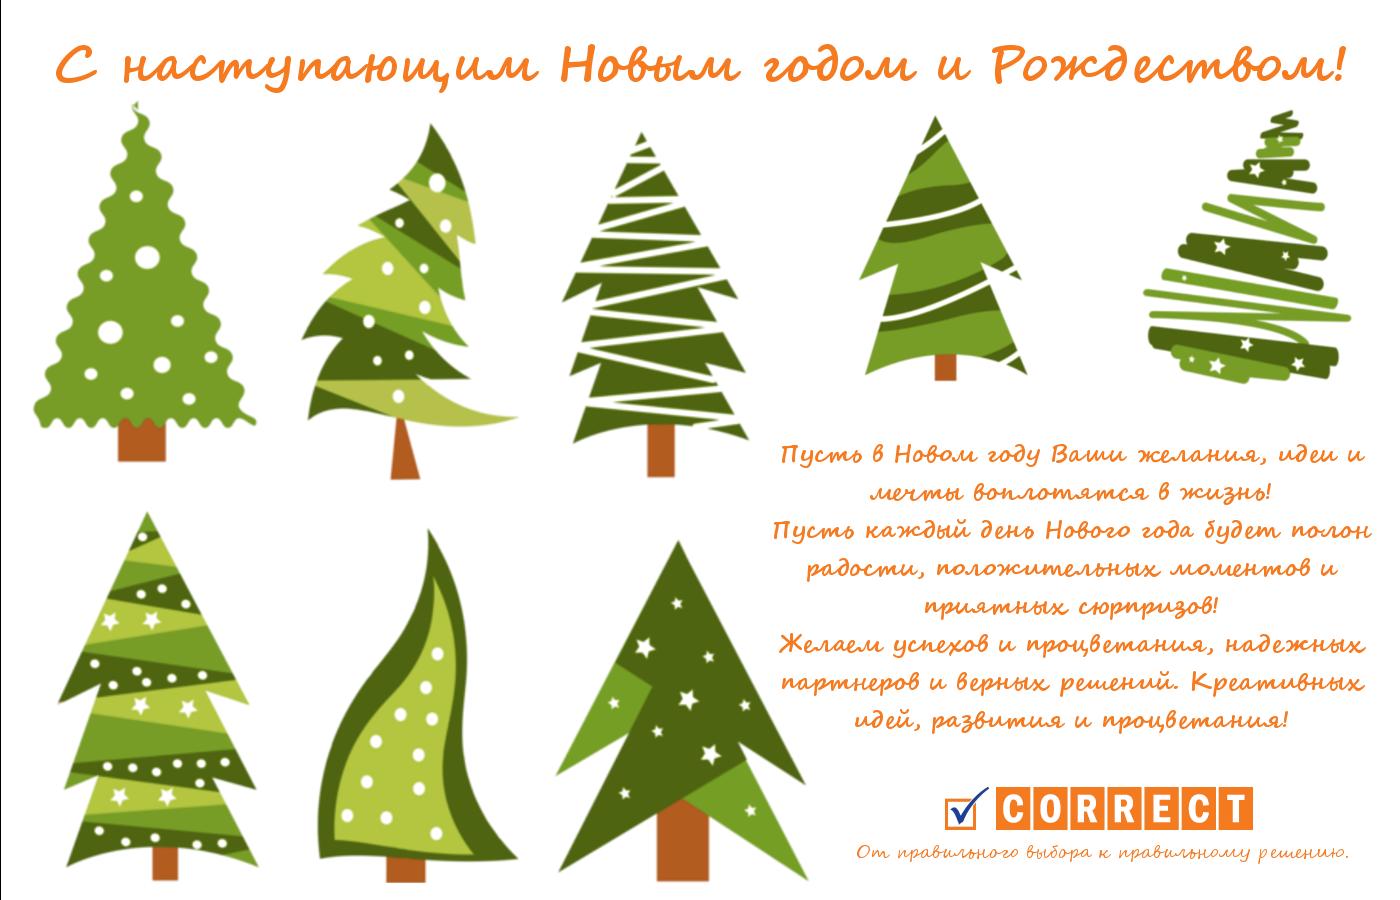 Открытка С Новым Годом от CORRECT.